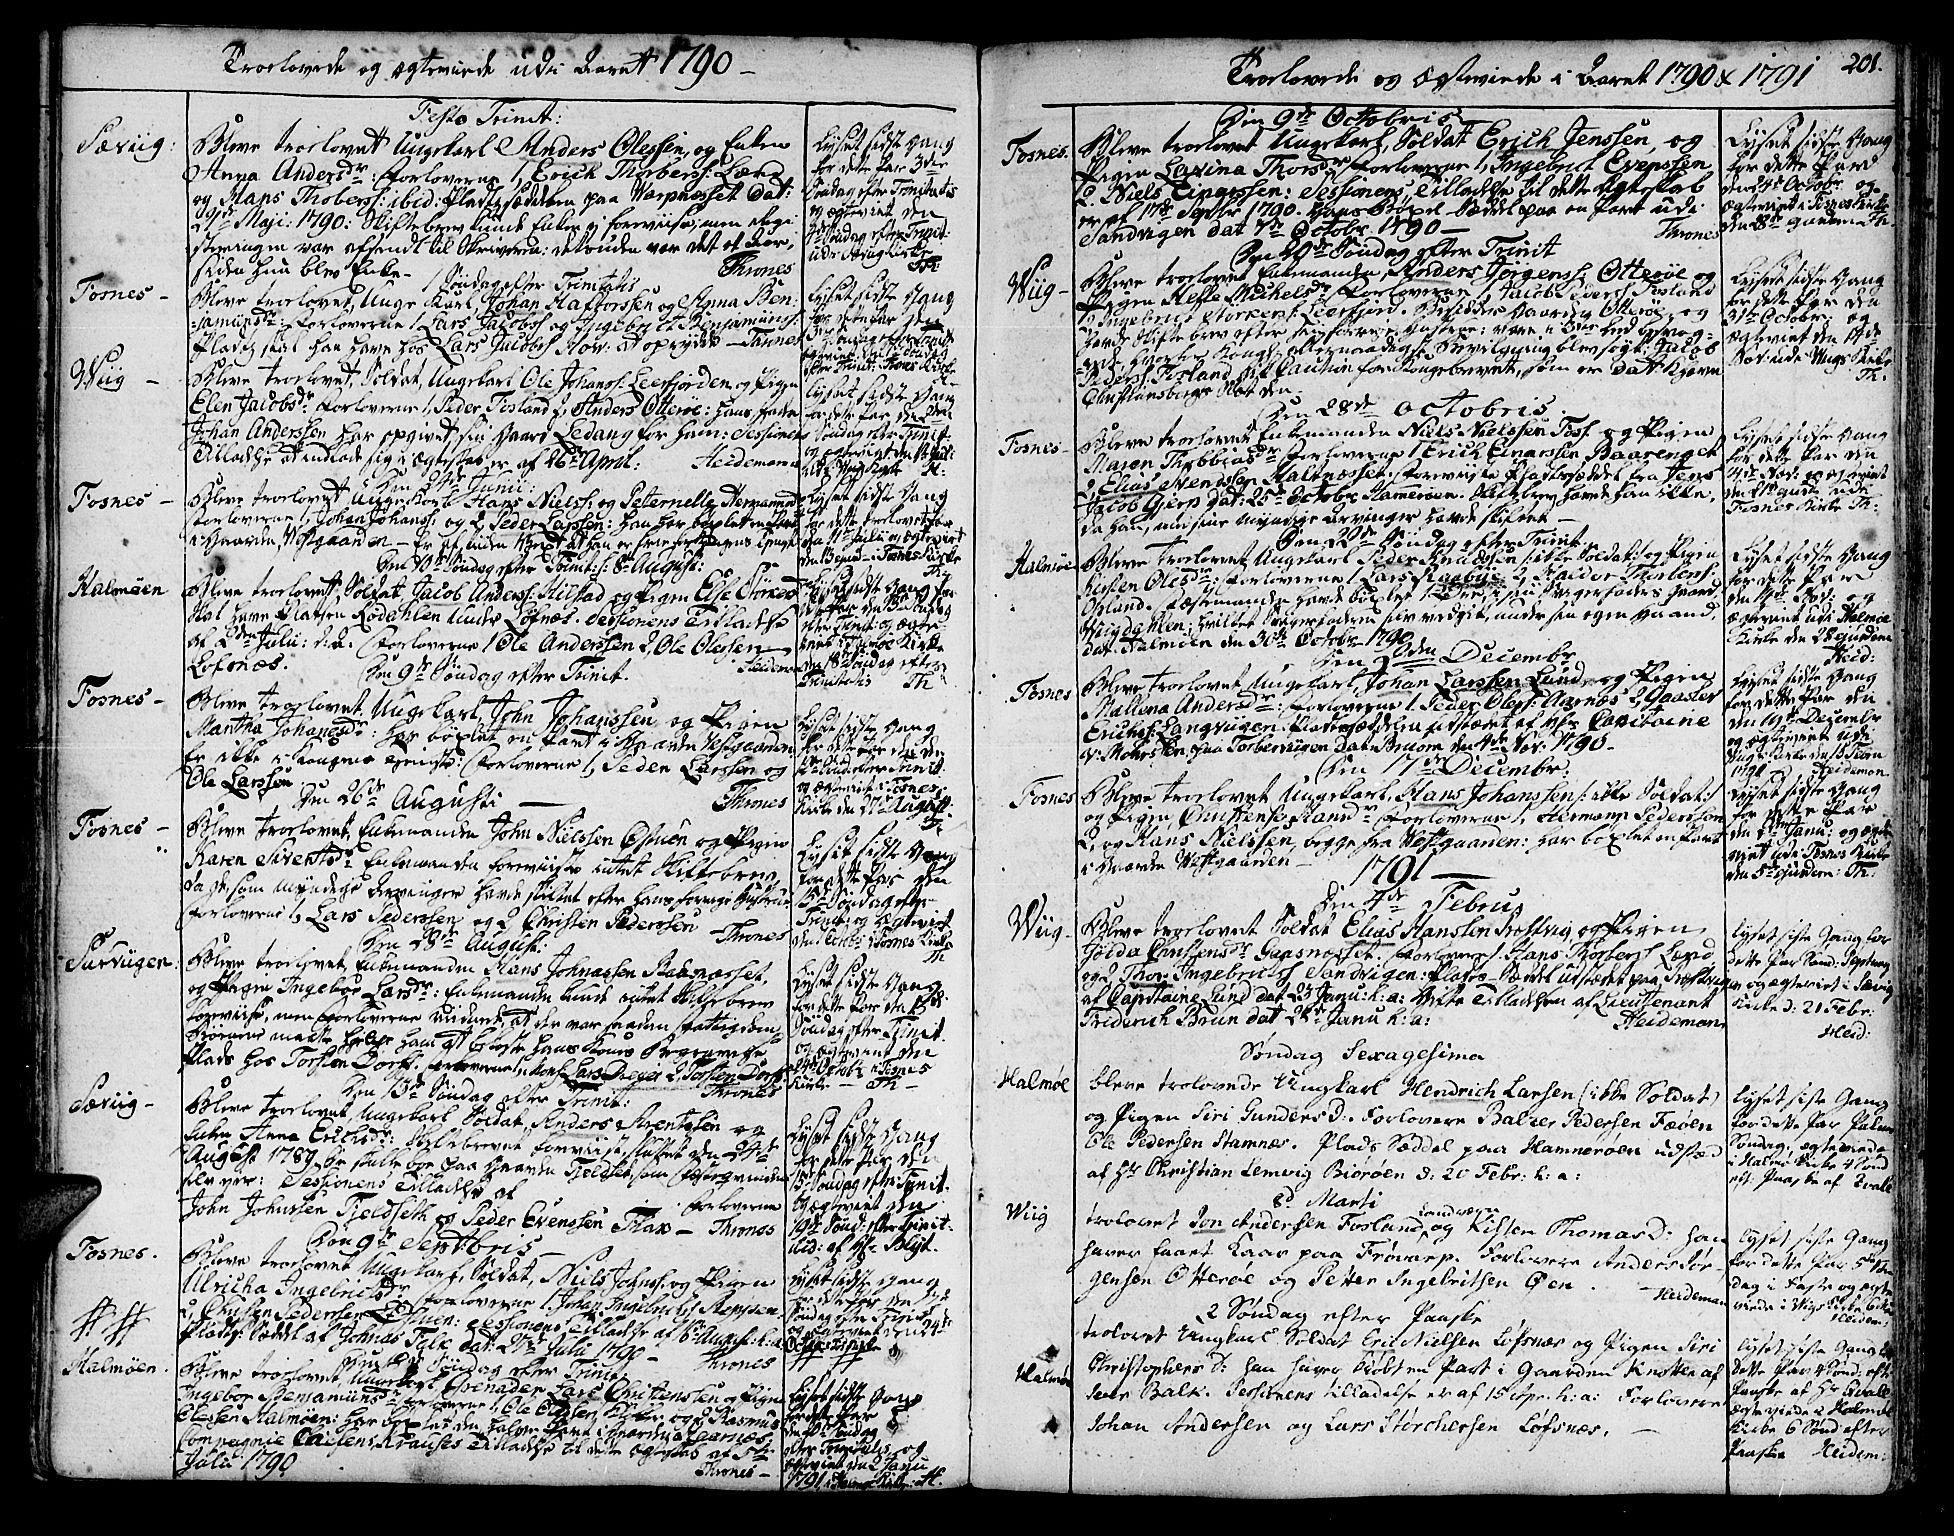 SAT, Ministerialprotokoller, klokkerbøker og fødselsregistre - Nord-Trøndelag, 773/L0608: Ministerialbok nr. 773A02, 1784-1816, s. 201